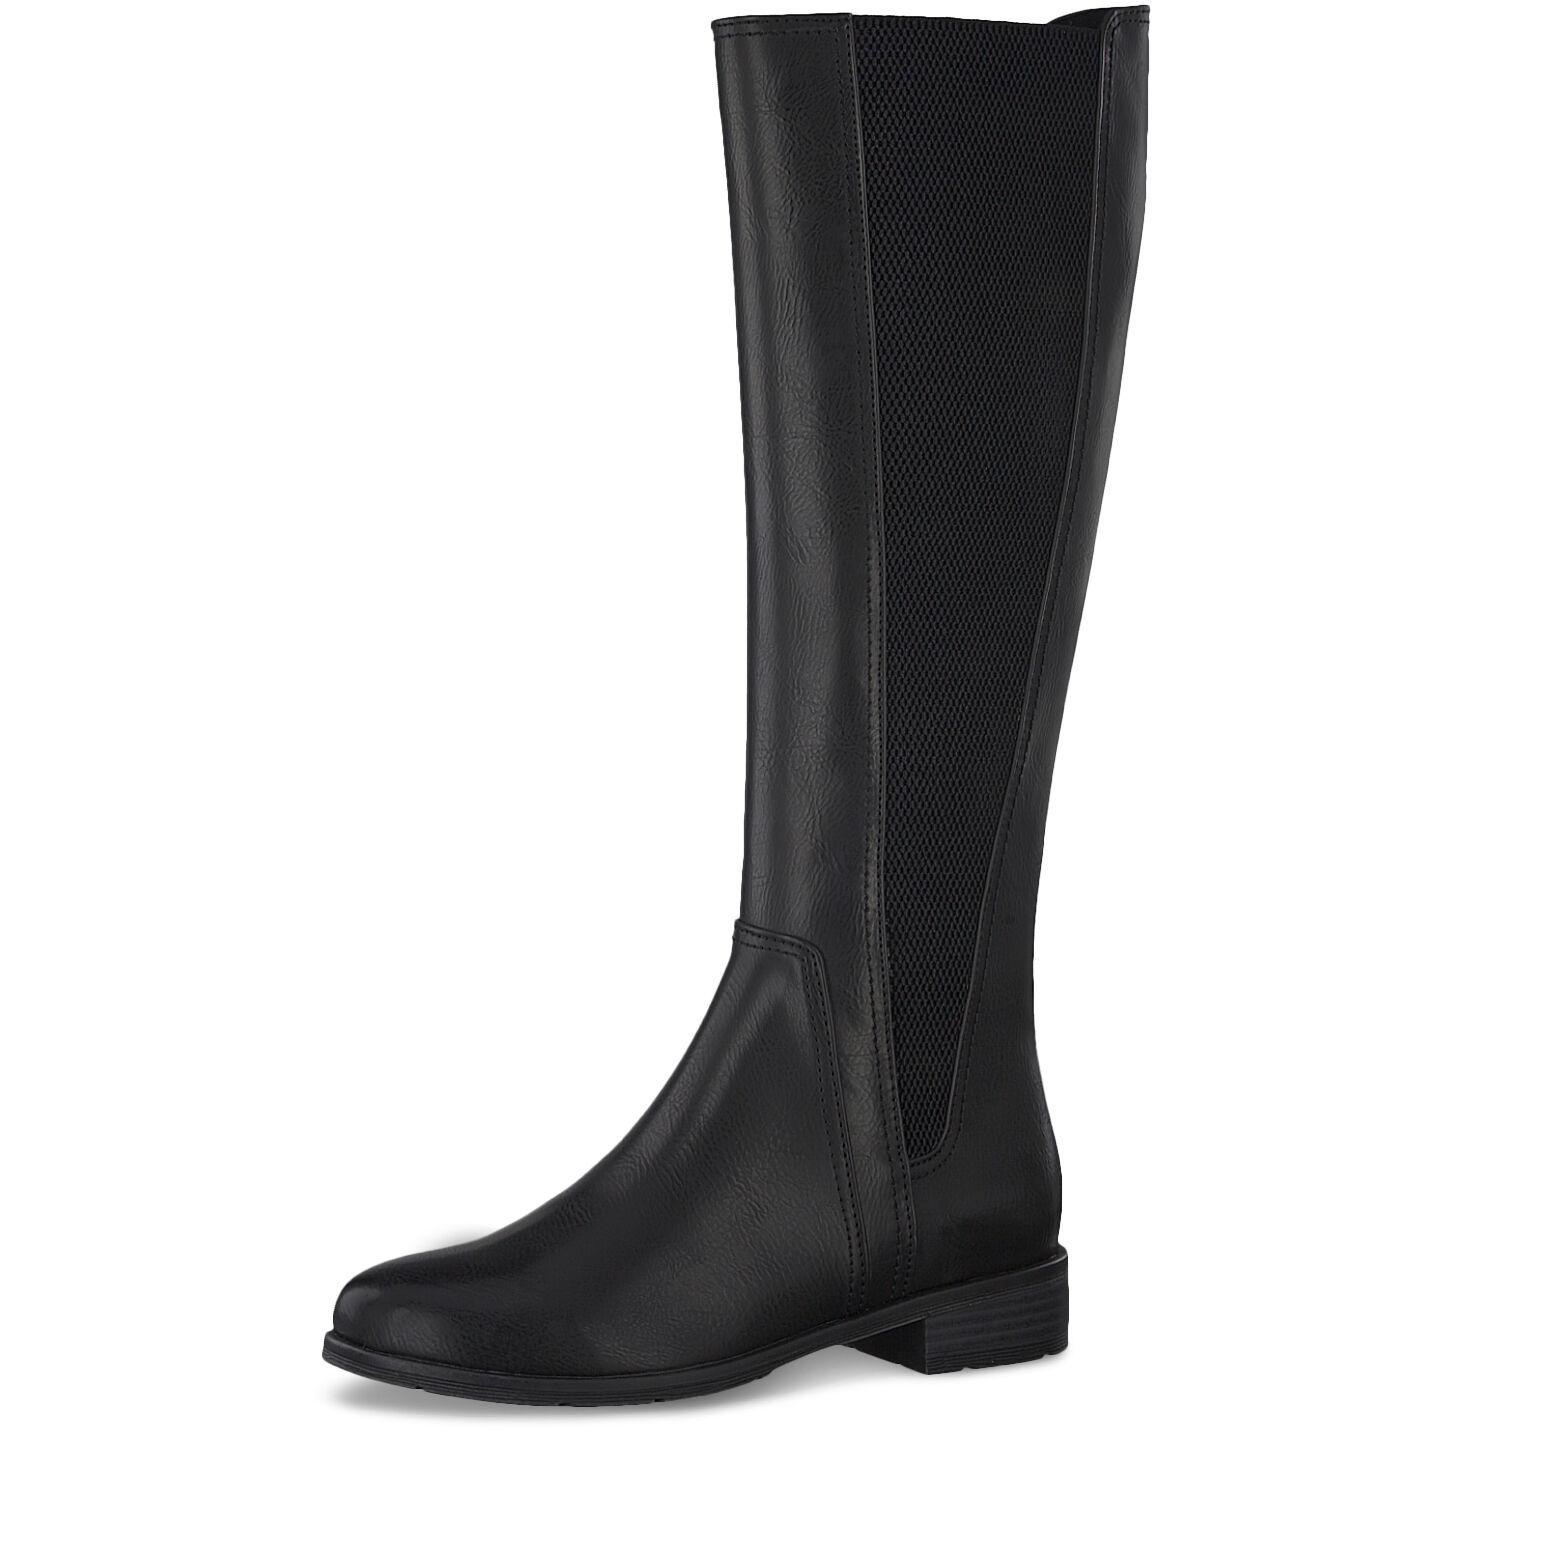 Stiefel für Damen online kaufen Marco Tozzi